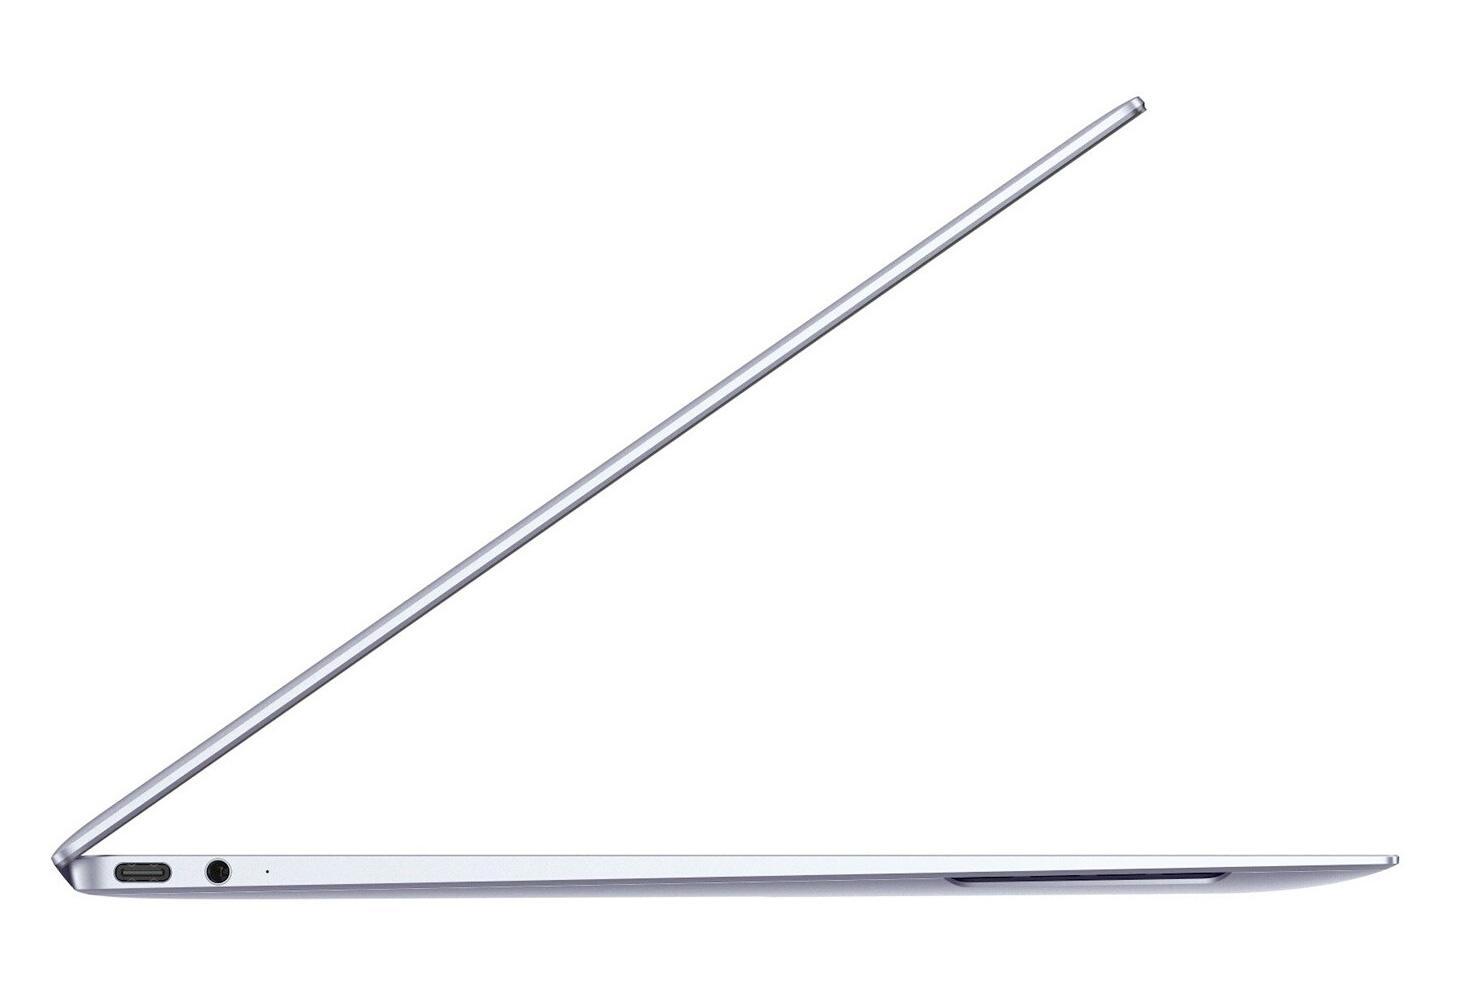 Ordinateur portable Huawei MateBook X 13 Argent - Tactile, Core i5, 16 Go, 512 Go - photo 6